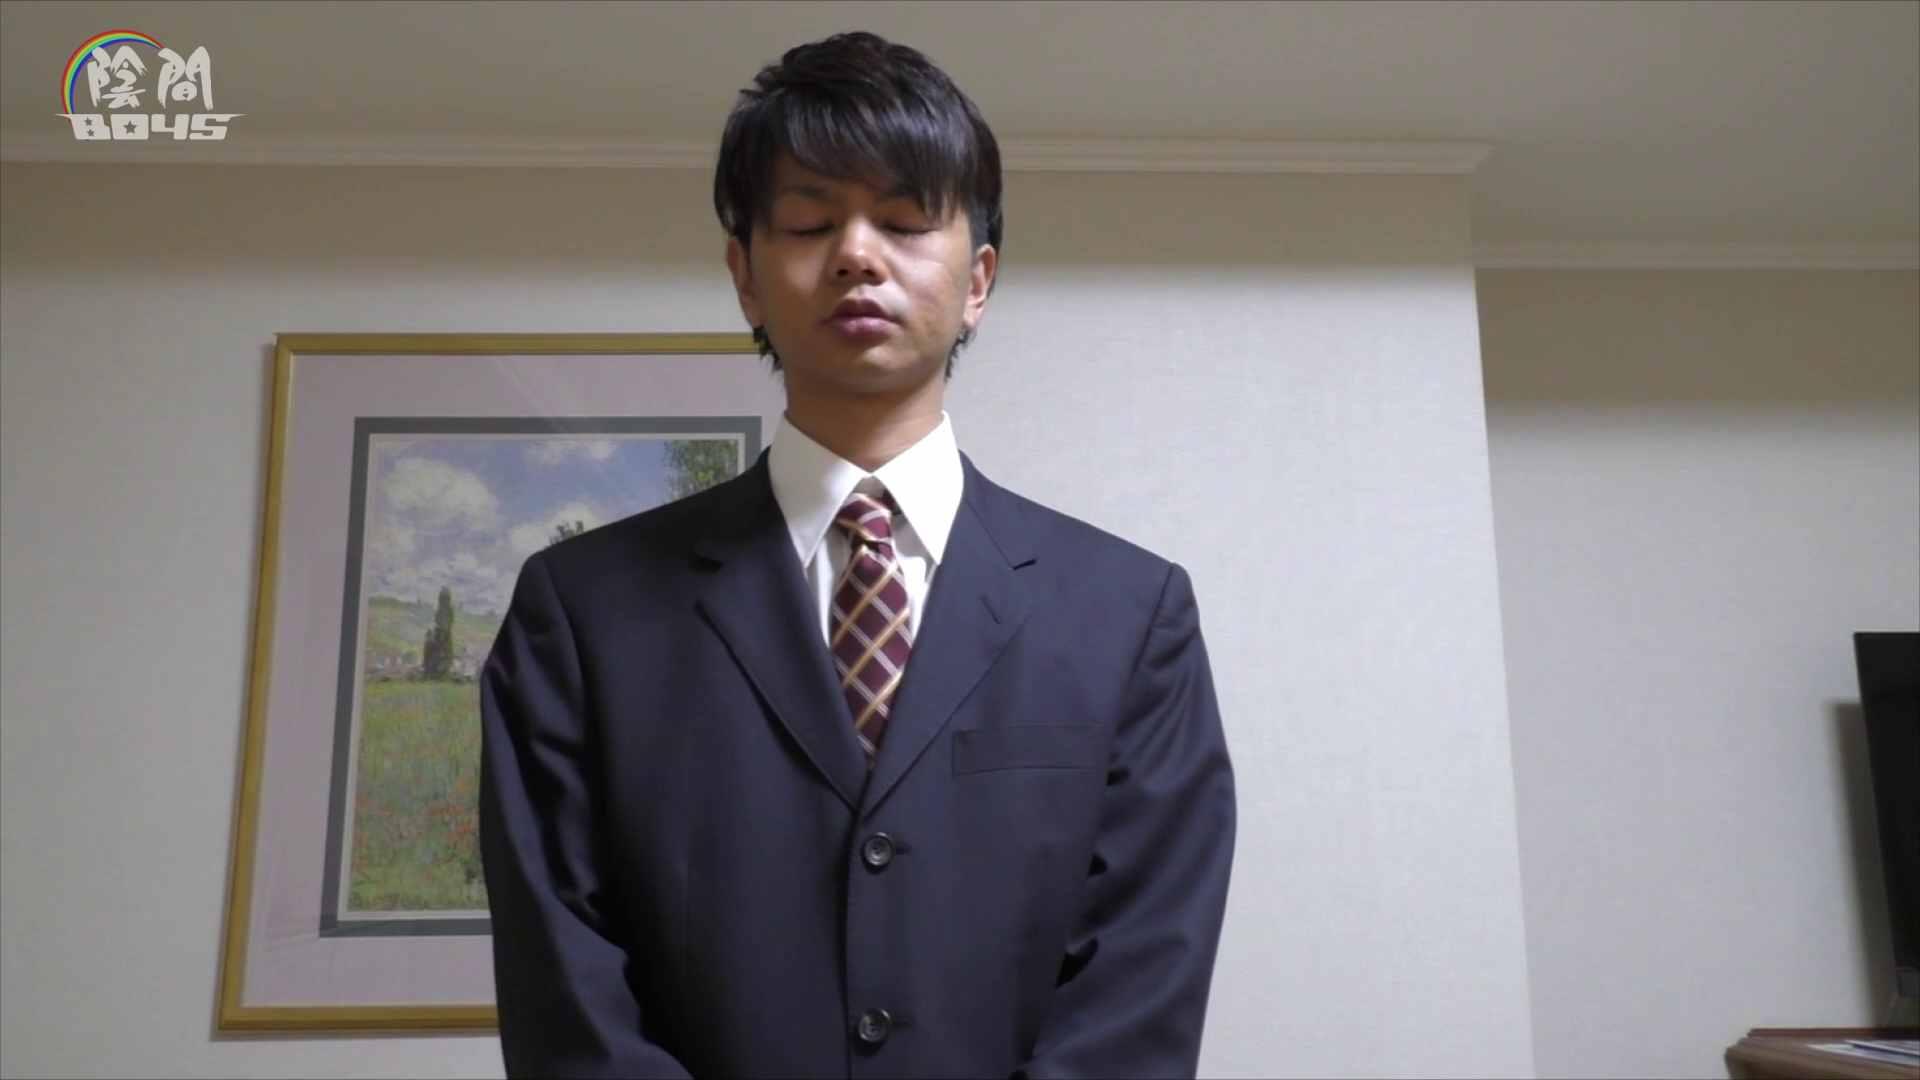 陰間BOYS~キャバクラの仕事はアナルから4 Vol.01 手コキ 男同士画像 108pic 2